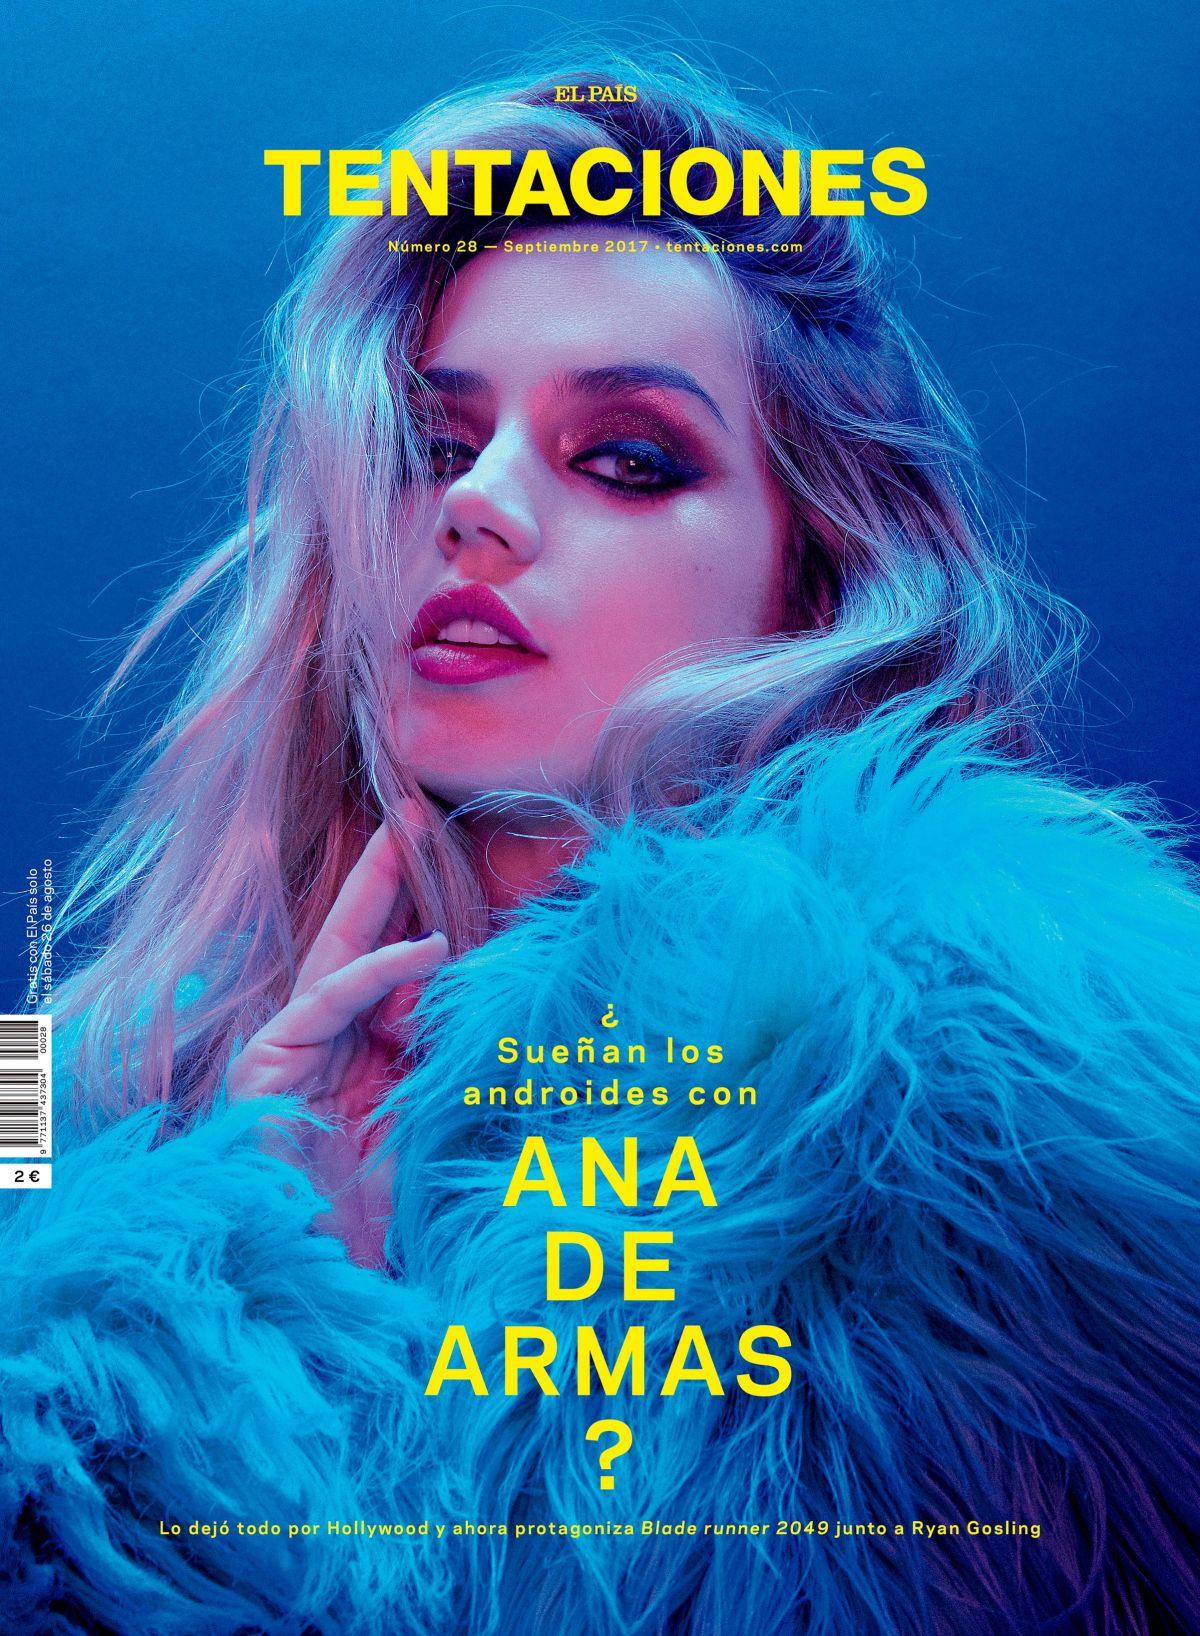 ANA DE ARMAS for Tentaciones Magazine, September 2017